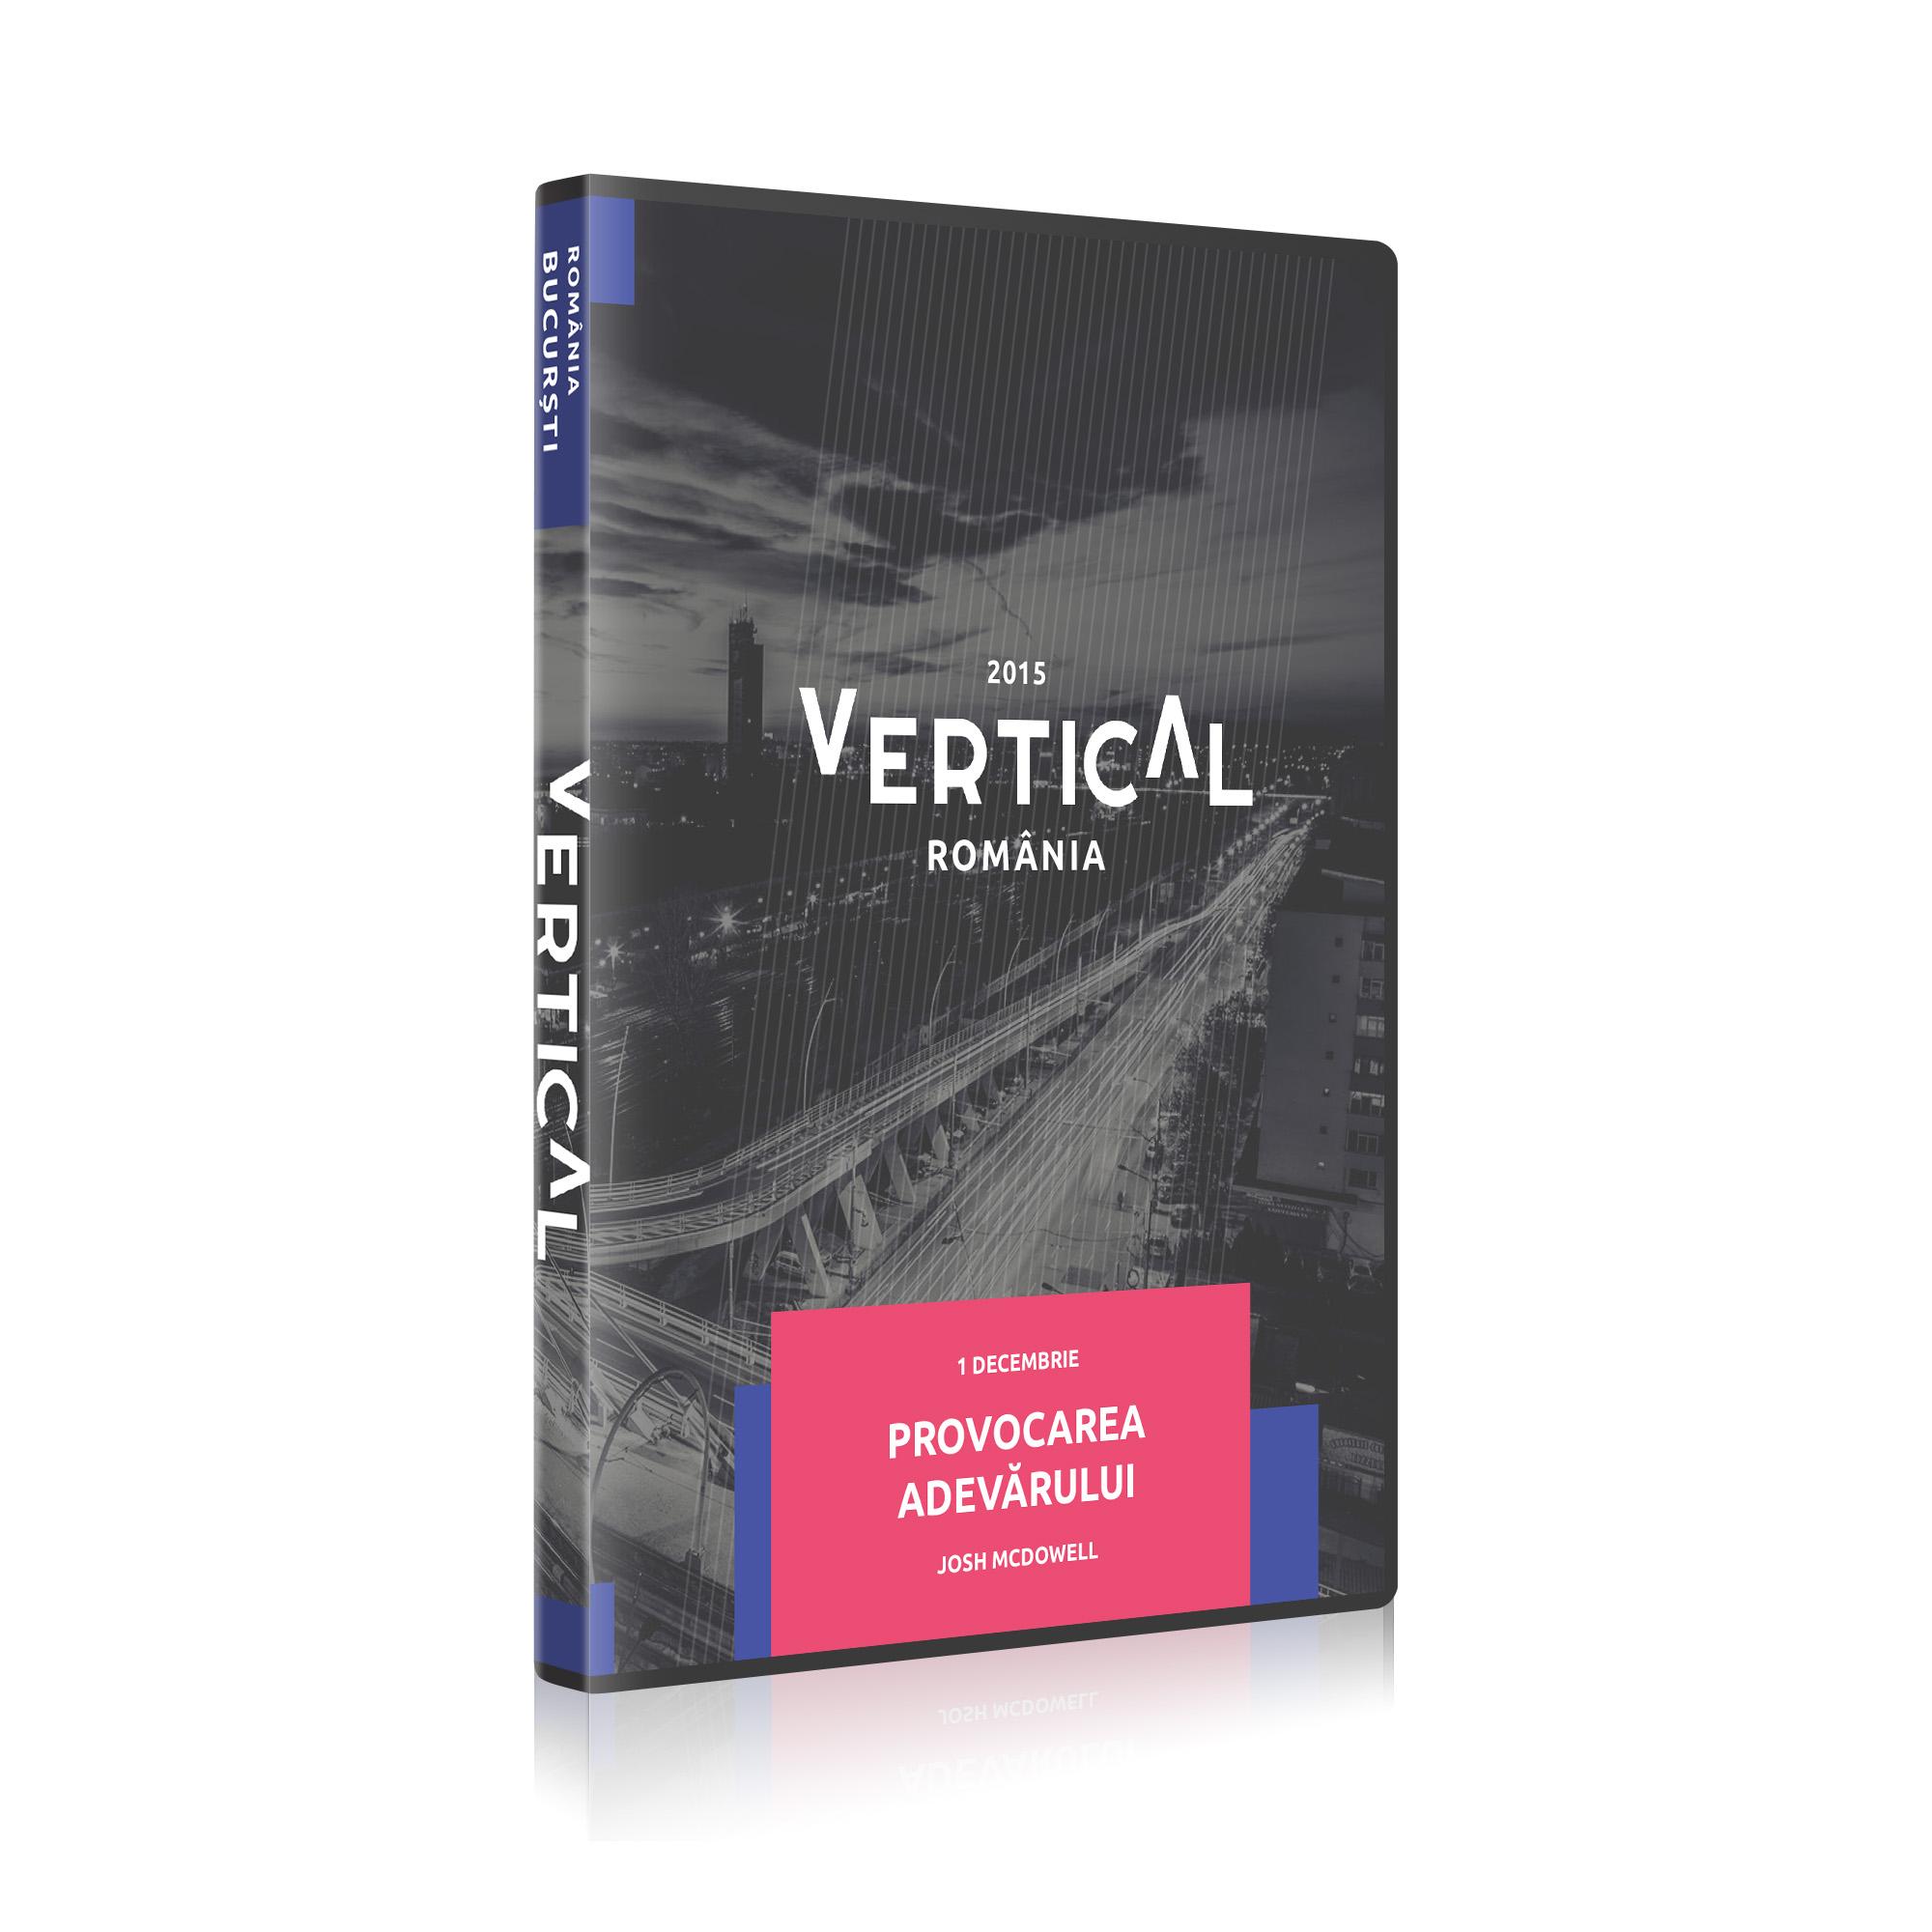 vertical-dvd-cover-mockupprovocarea-adevarului